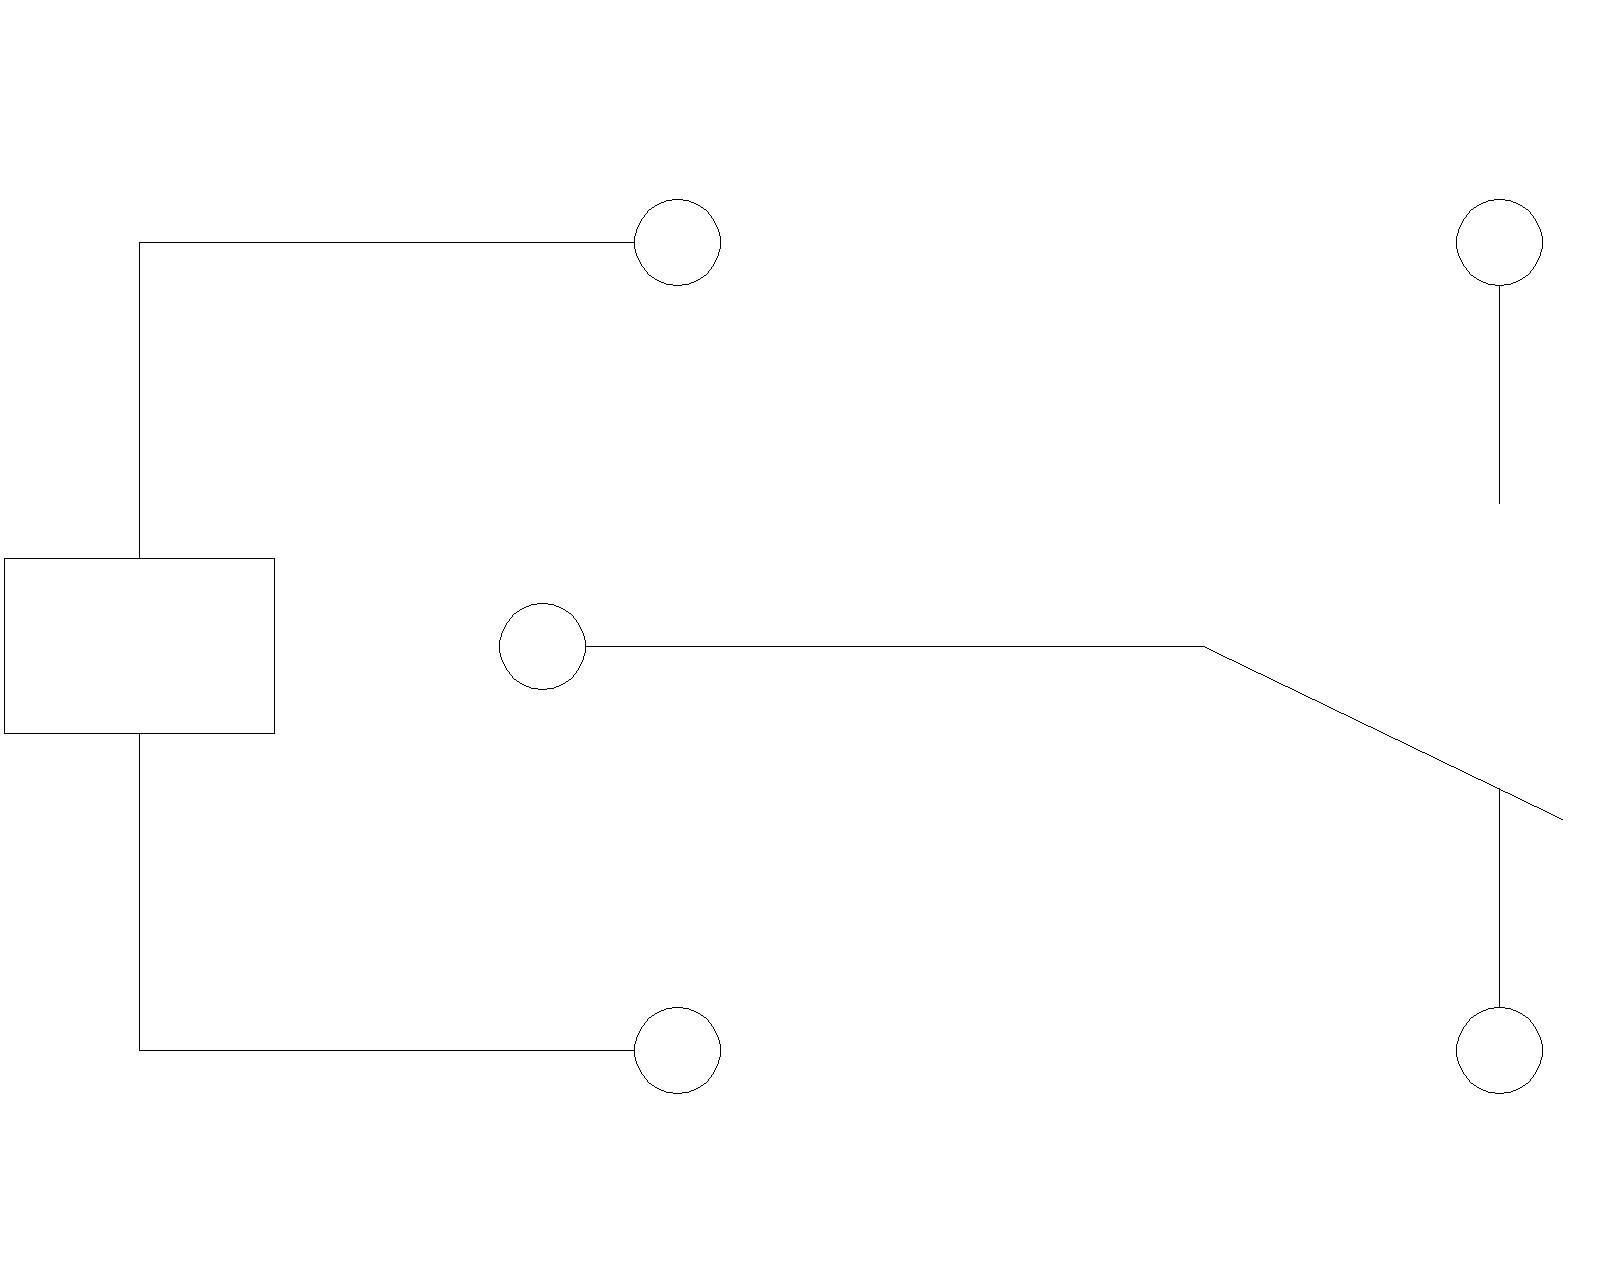 922-H wiring diagram